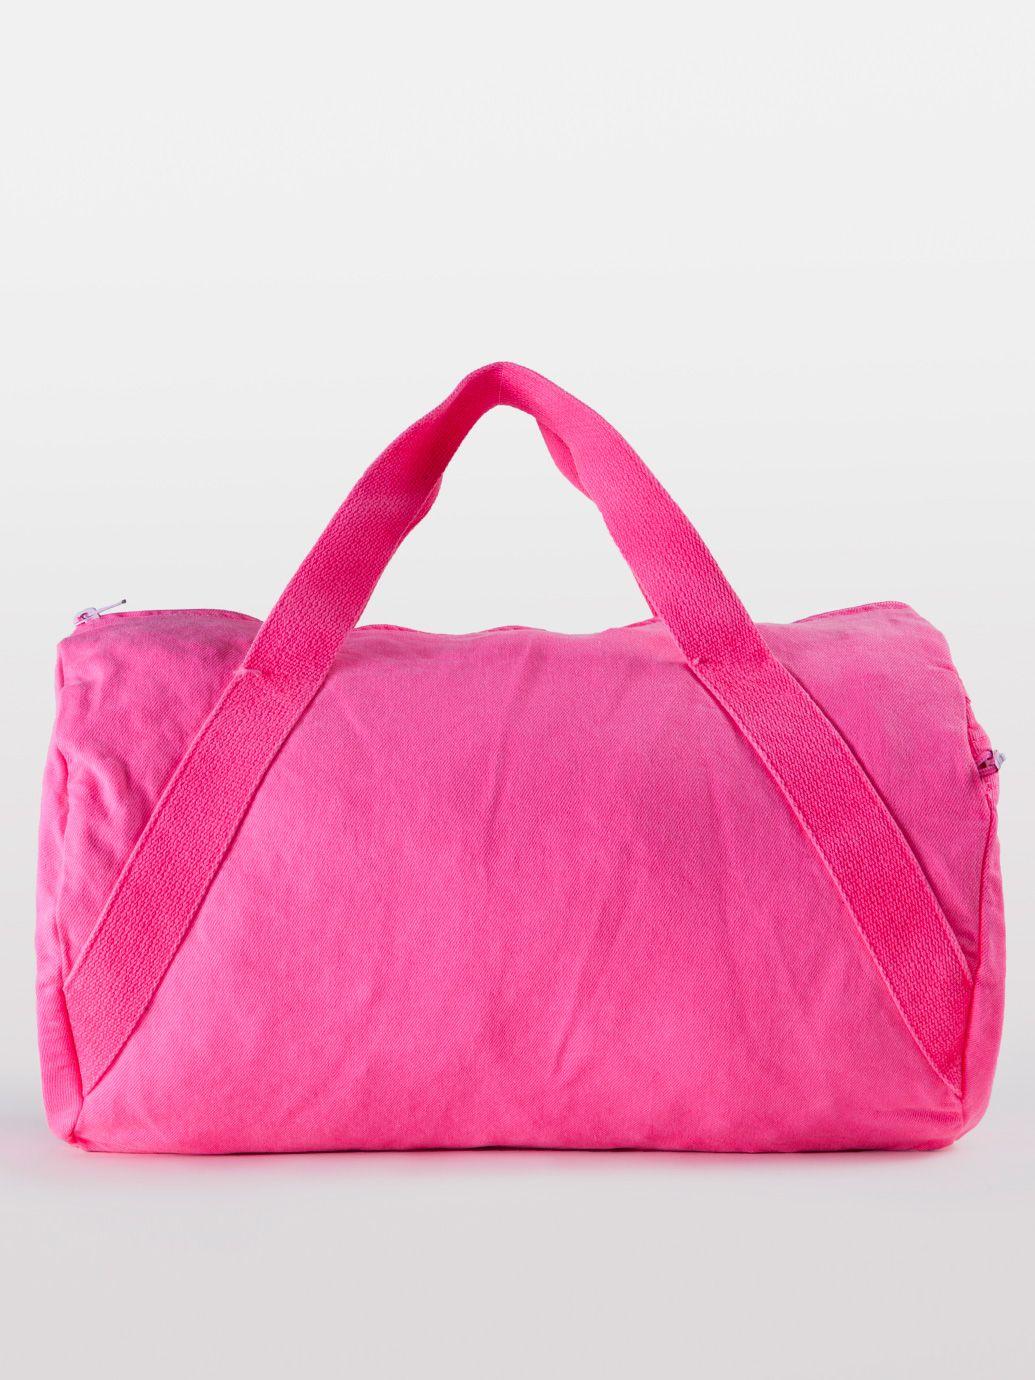 24225a0410ab Natural Denim Diagonal Strap Gym Bag | Duffle Bags | Accessories ...